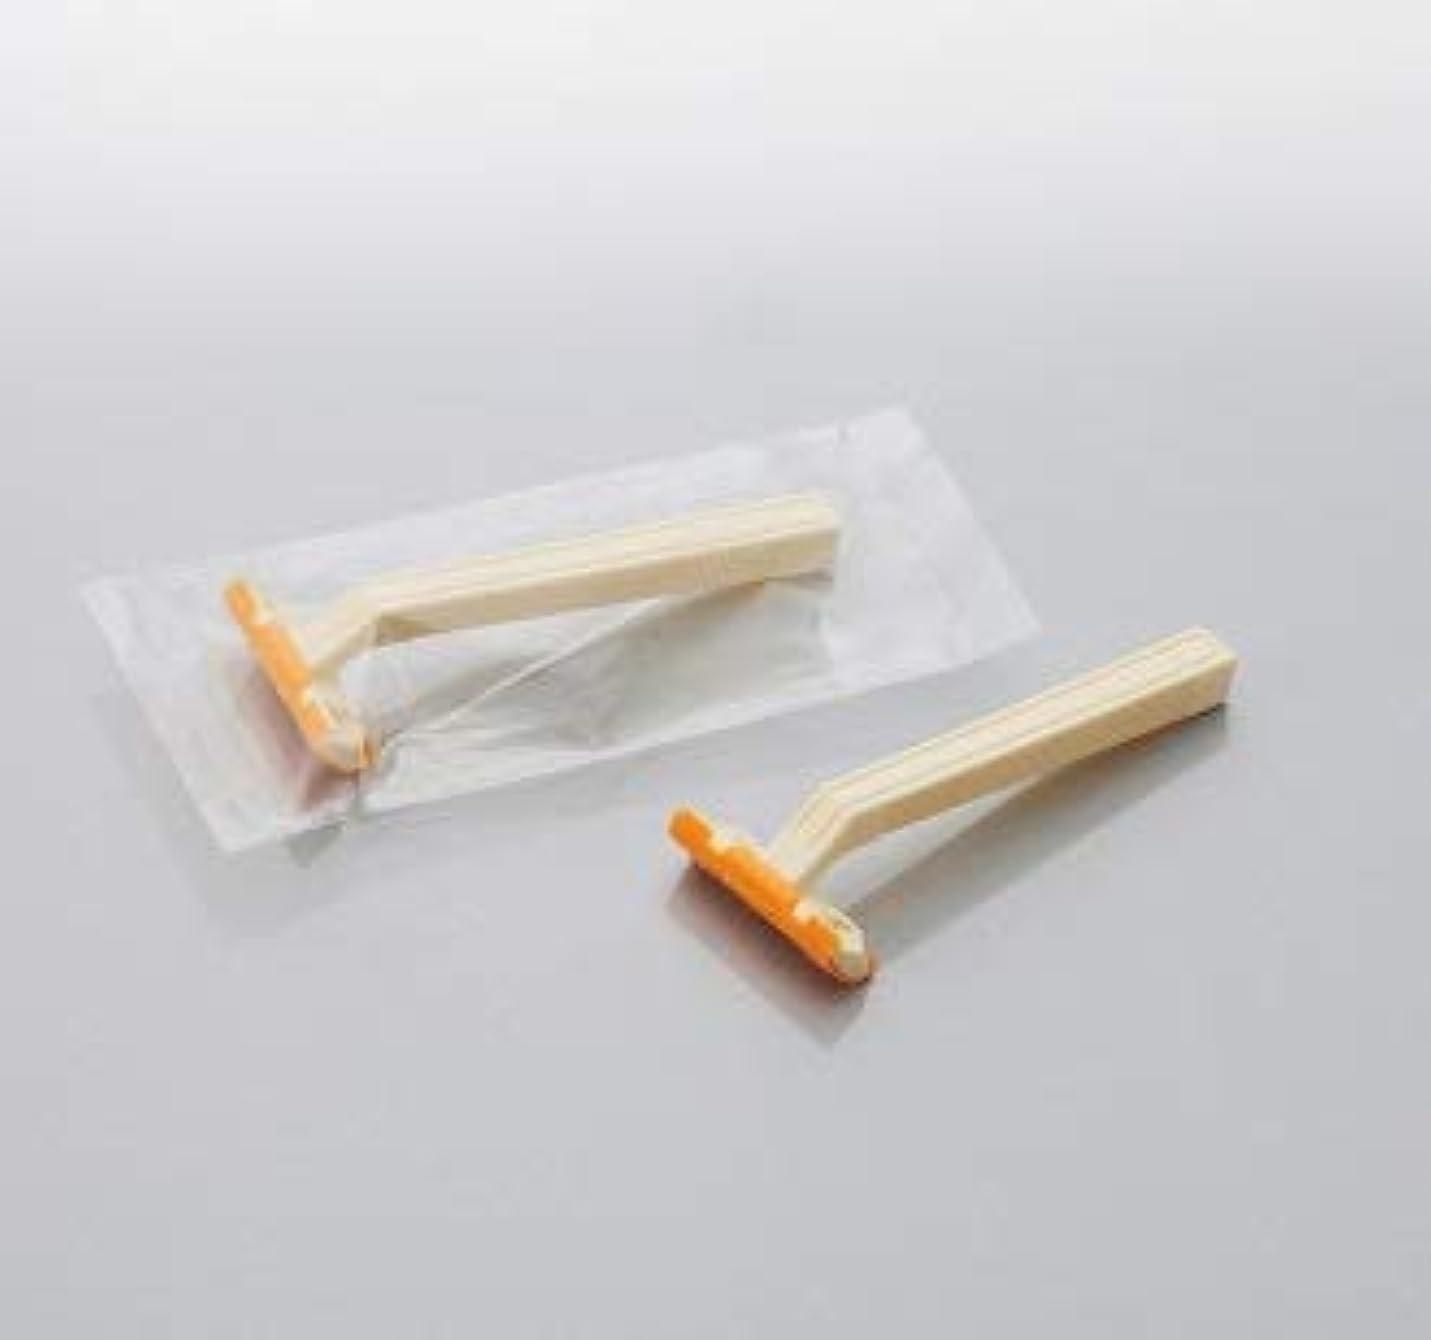 穴合併症すでにカミソリ アメニティロード2 固定式2枚刃2000本 透明OP袋入 daito